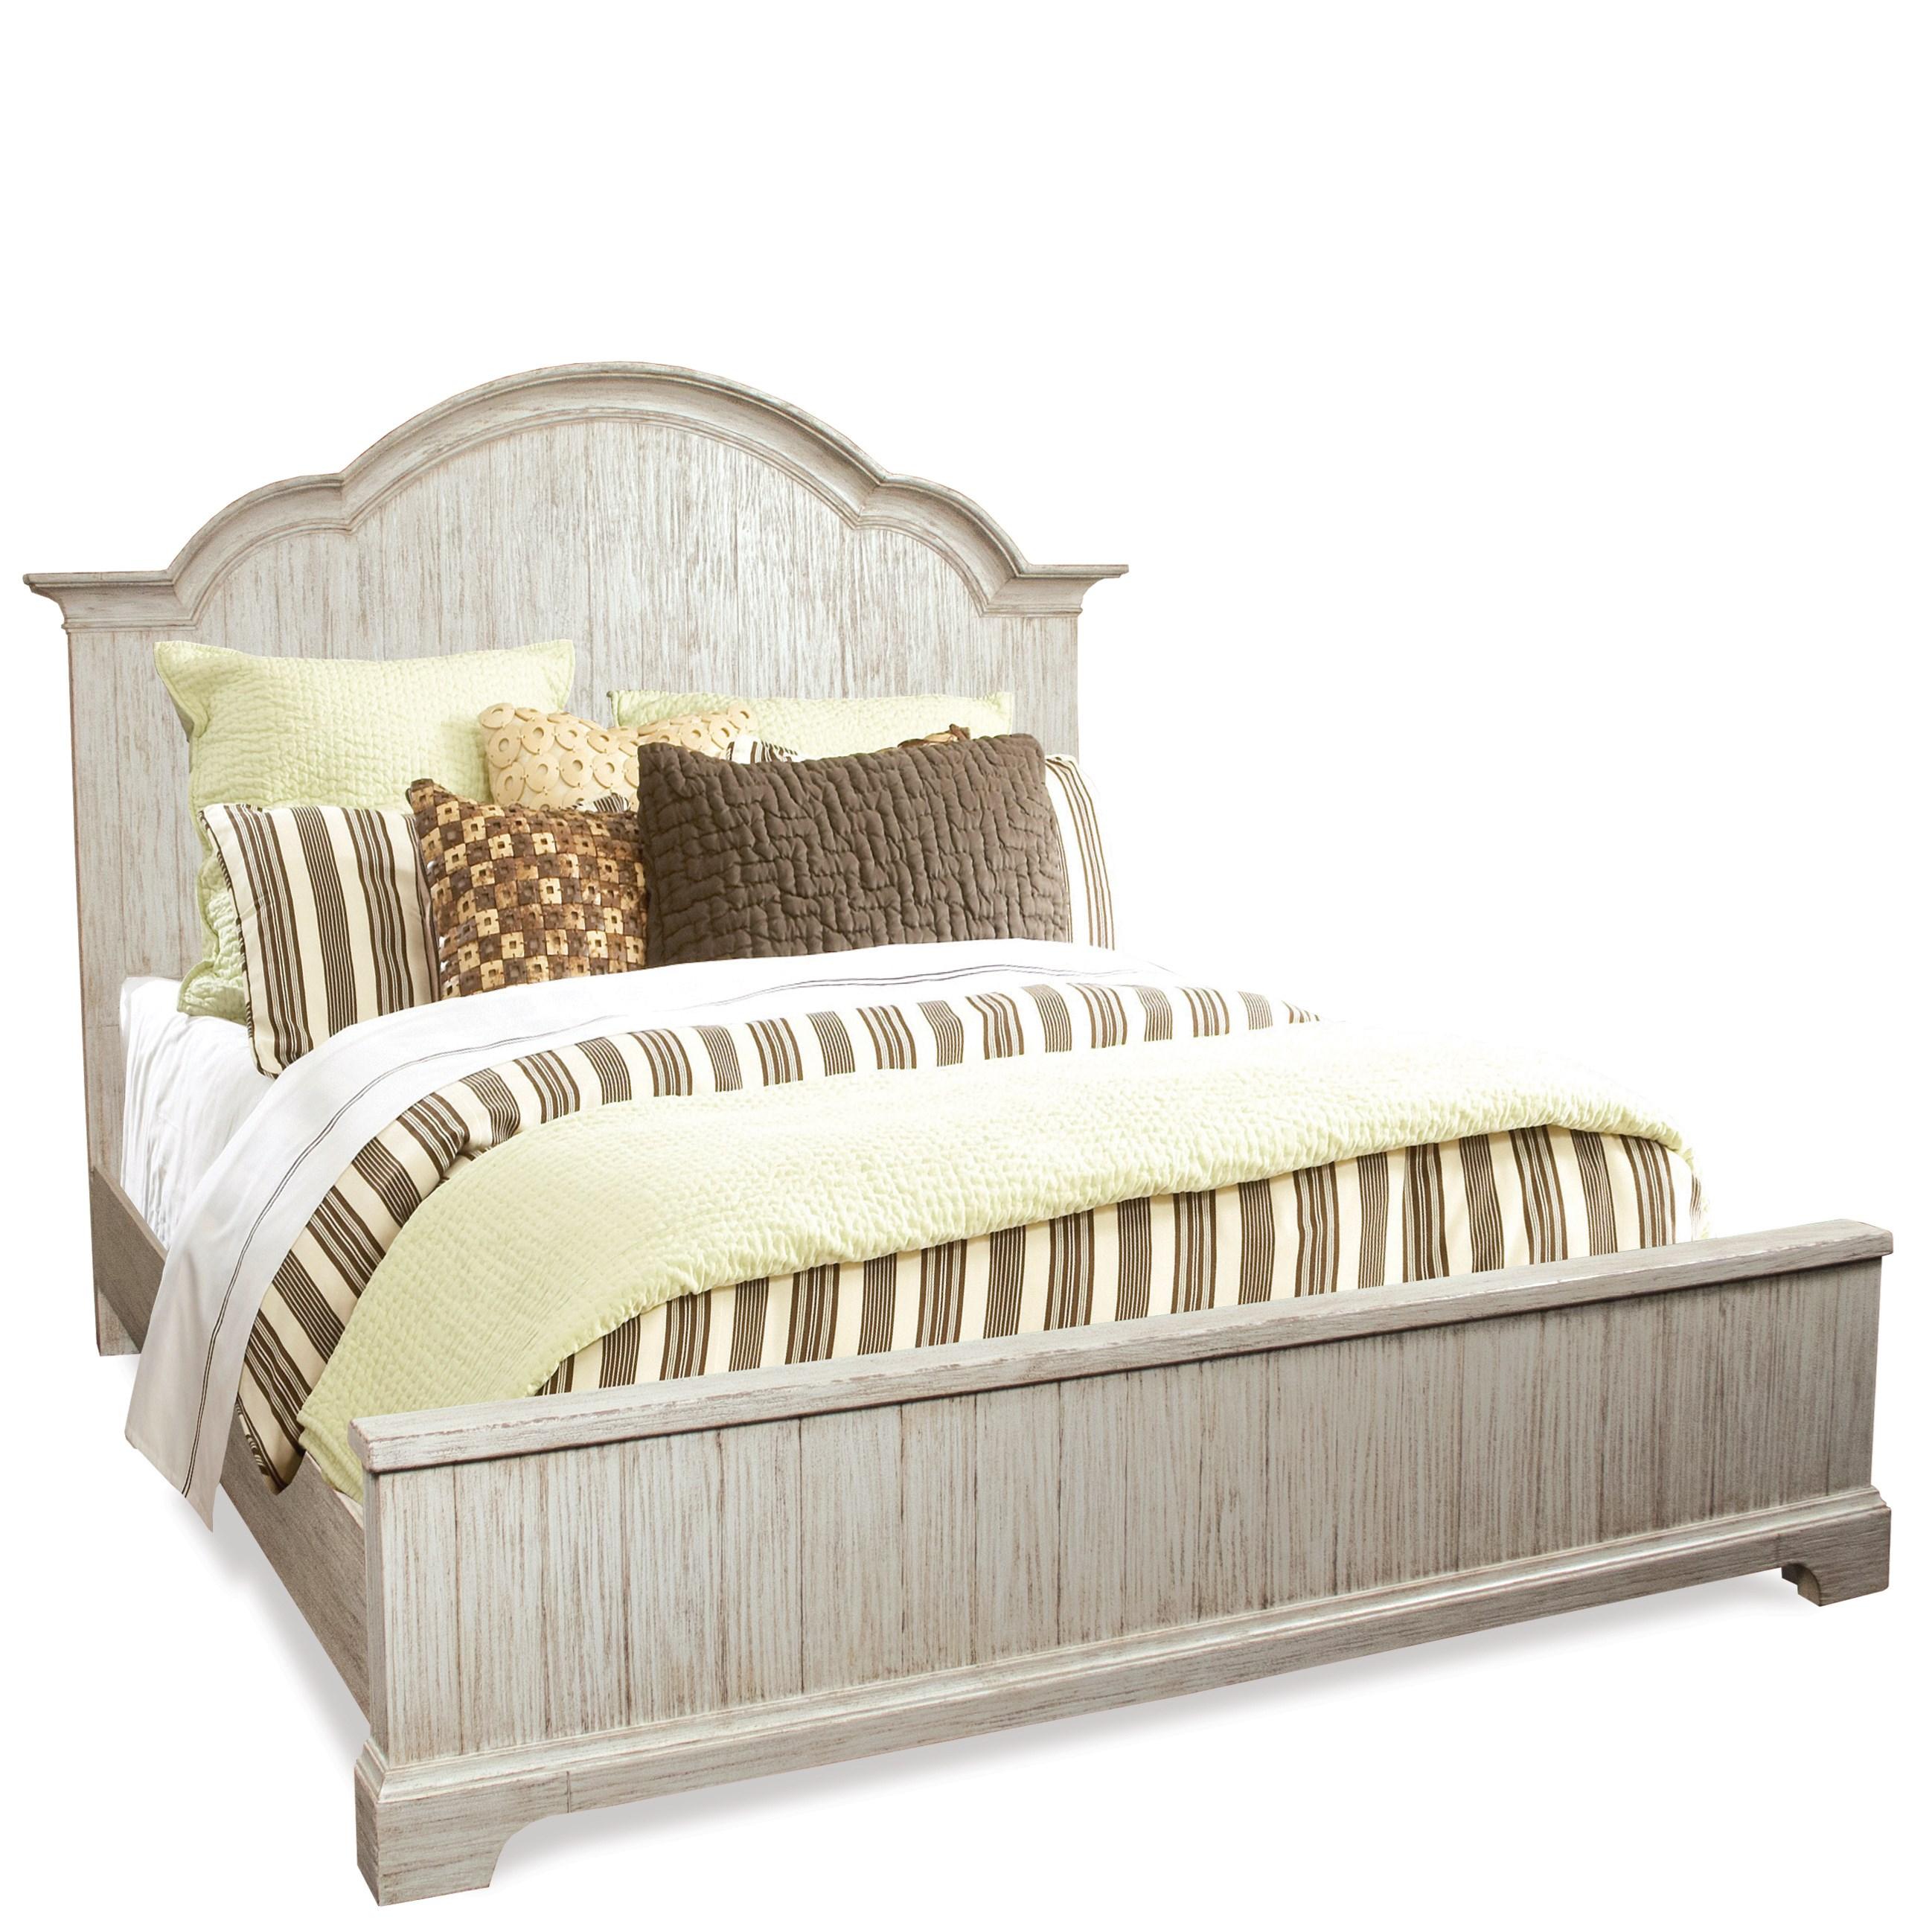 Riverside Furniture Aberdeen Queen Panel Bed - Item Number: 21274+5+2